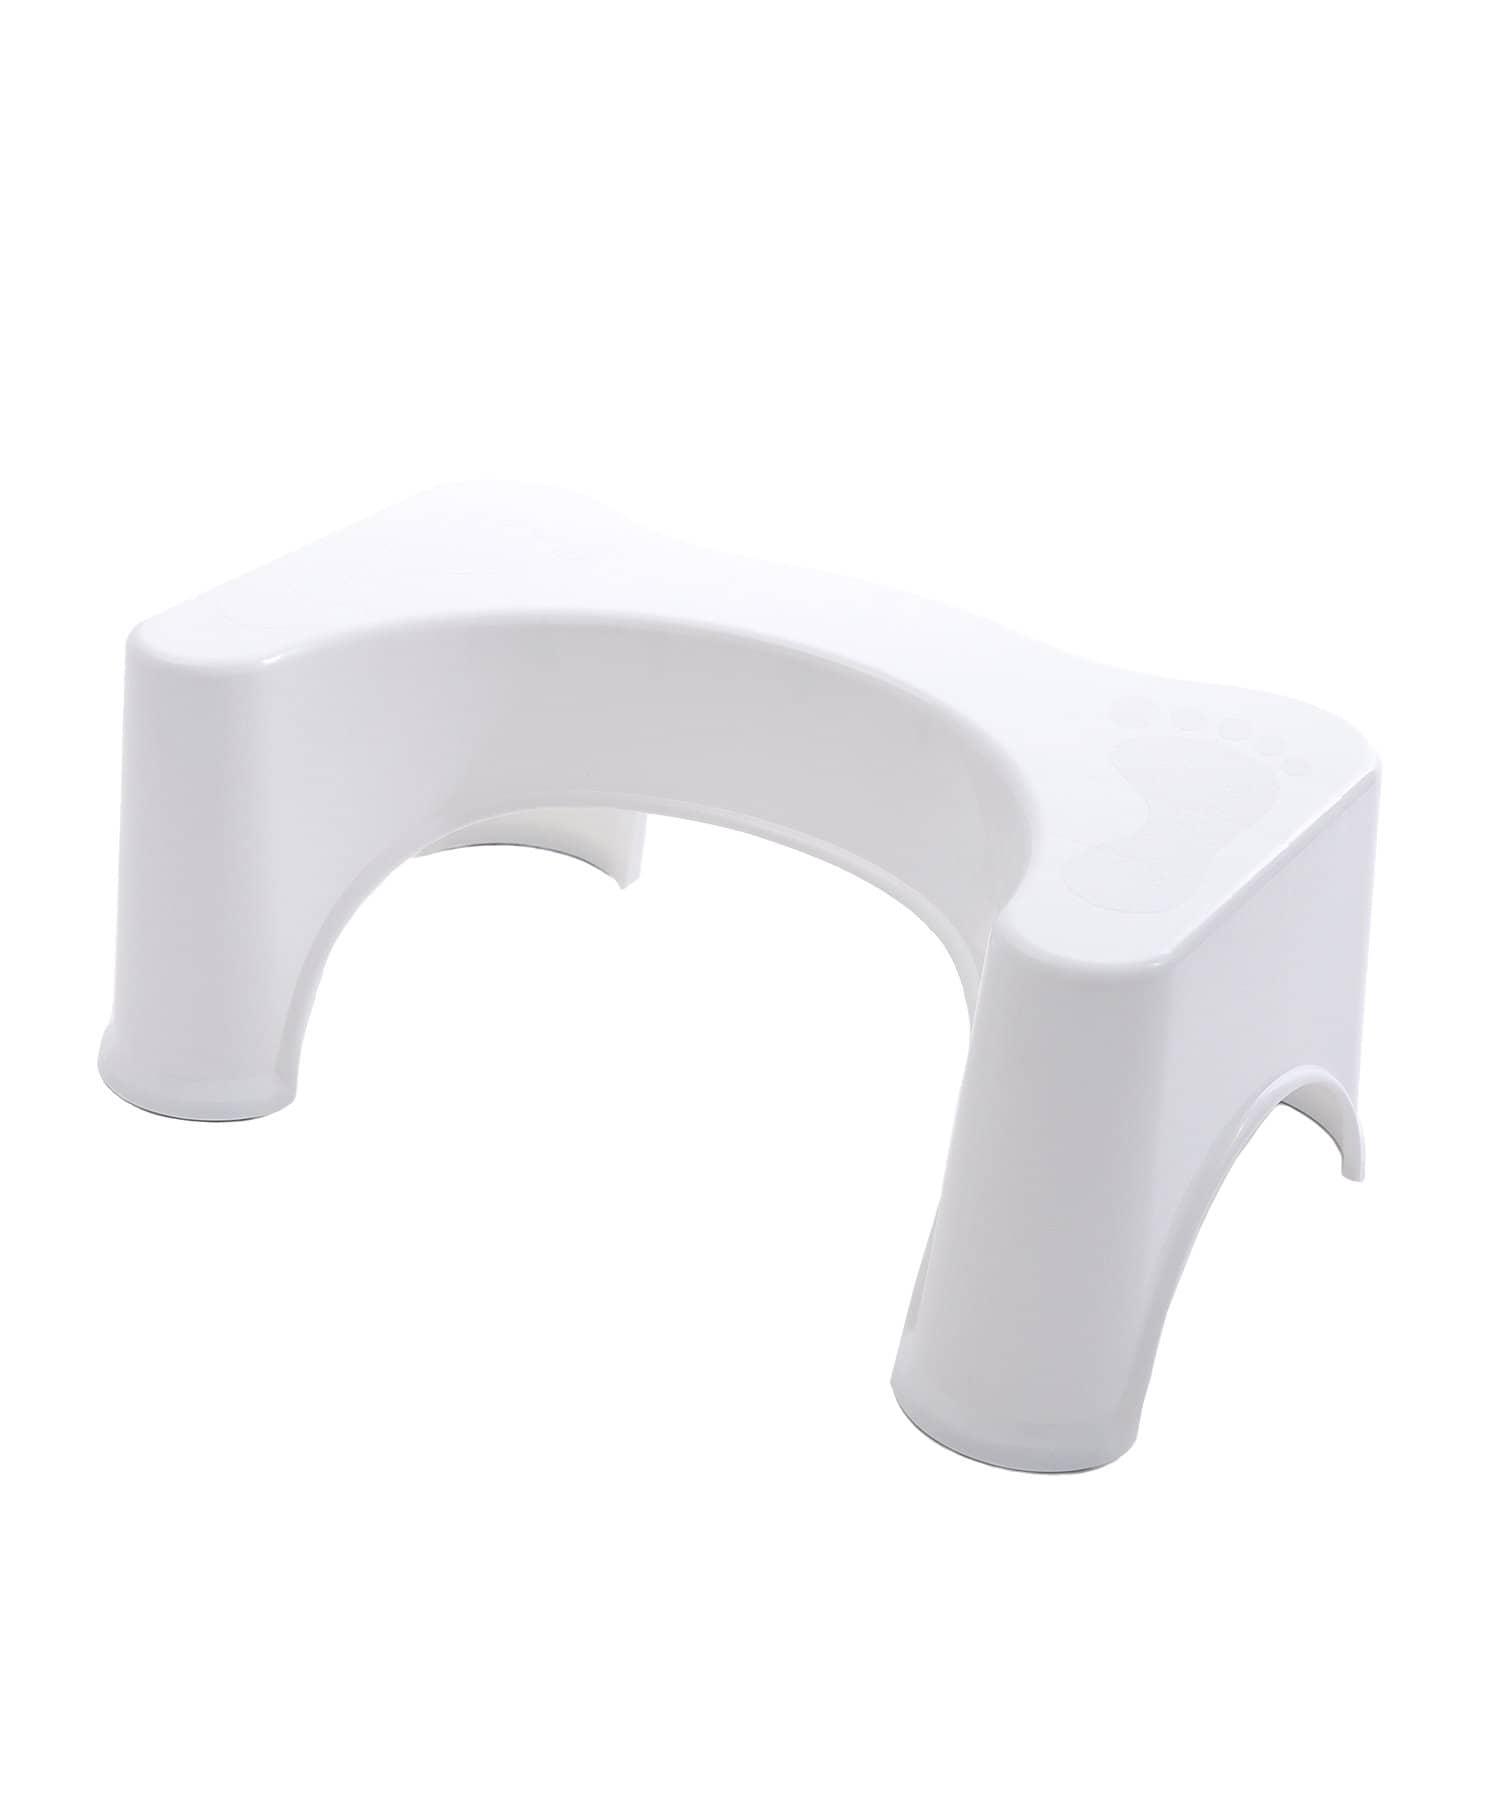 3COINS(スリーコインズ) 3COINS(スリーコインズ) トイレ踏み台 ホワイト